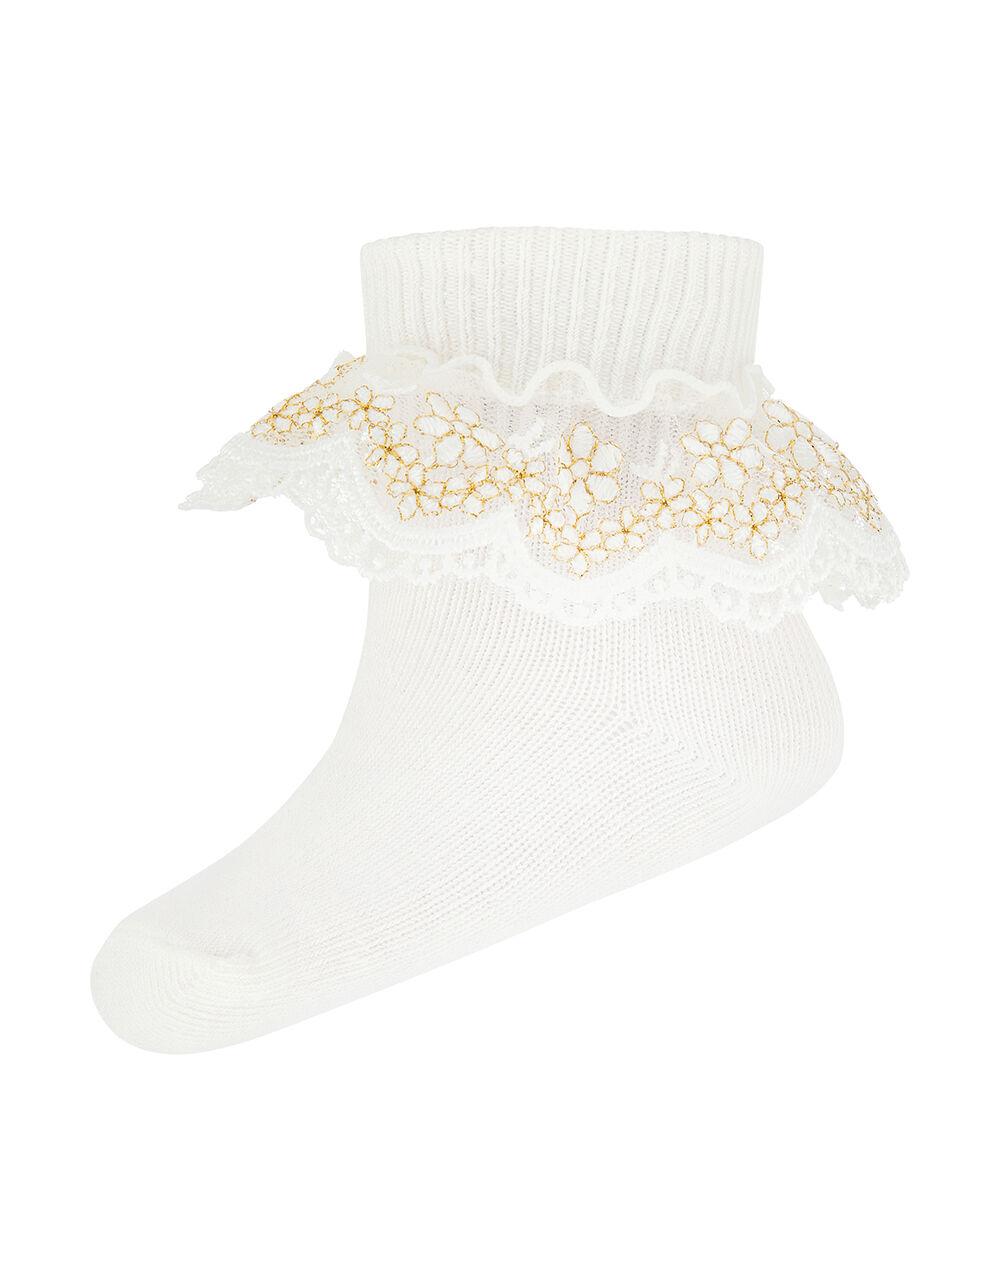 Baby Chloe Sparkle Gold Lace Sock, Ivory (IVORY), large